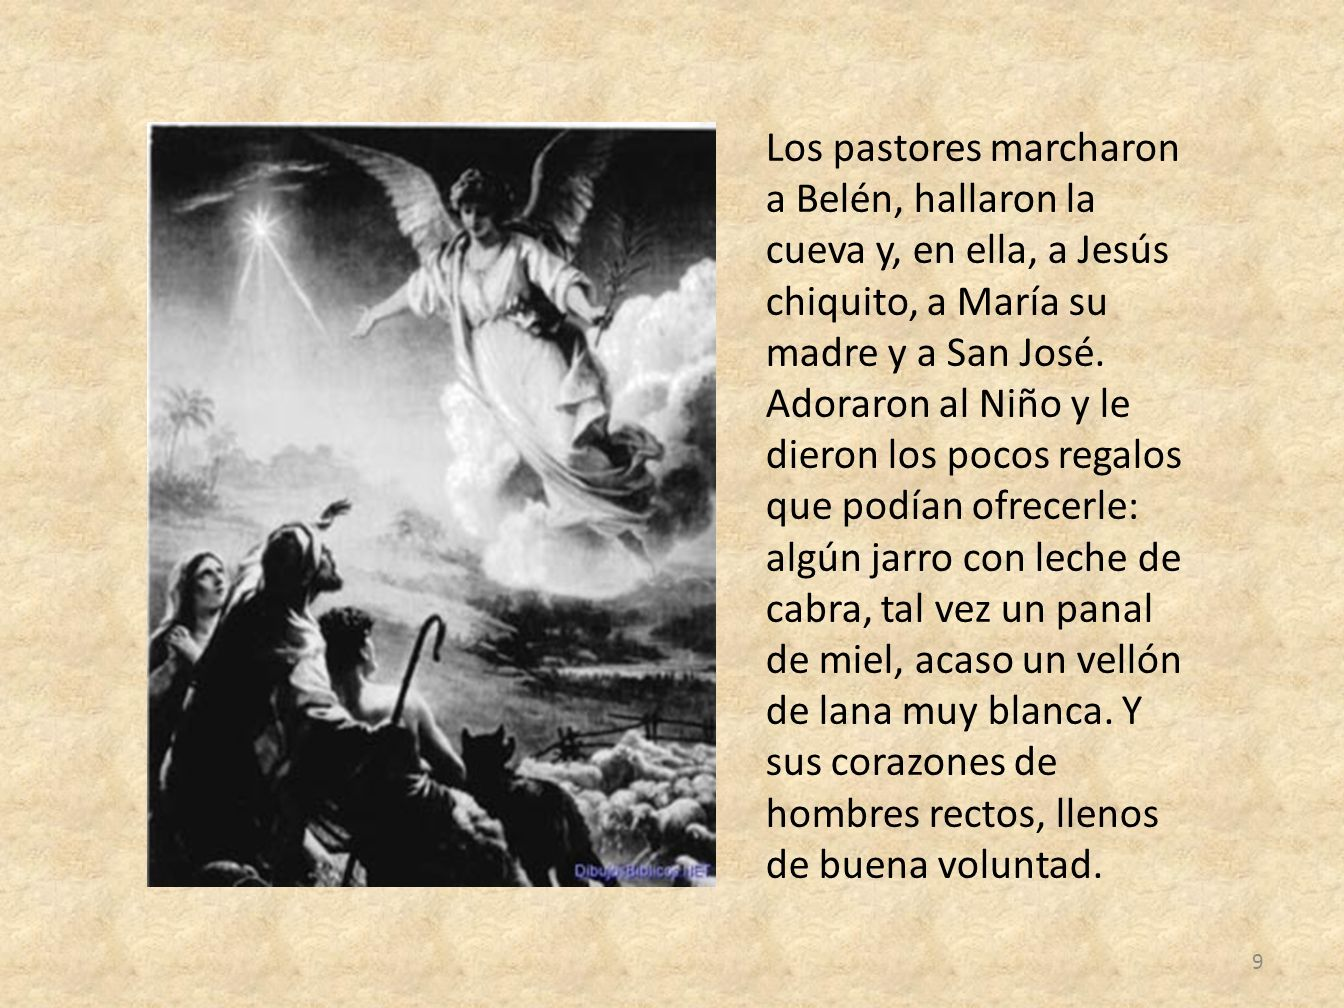 Los pastores marcharon a Belén, hallaron la cueva y, en ella, a Jesús chiquito, a María su madre y a San José. Adoraron al Niño y le dieron los pocos